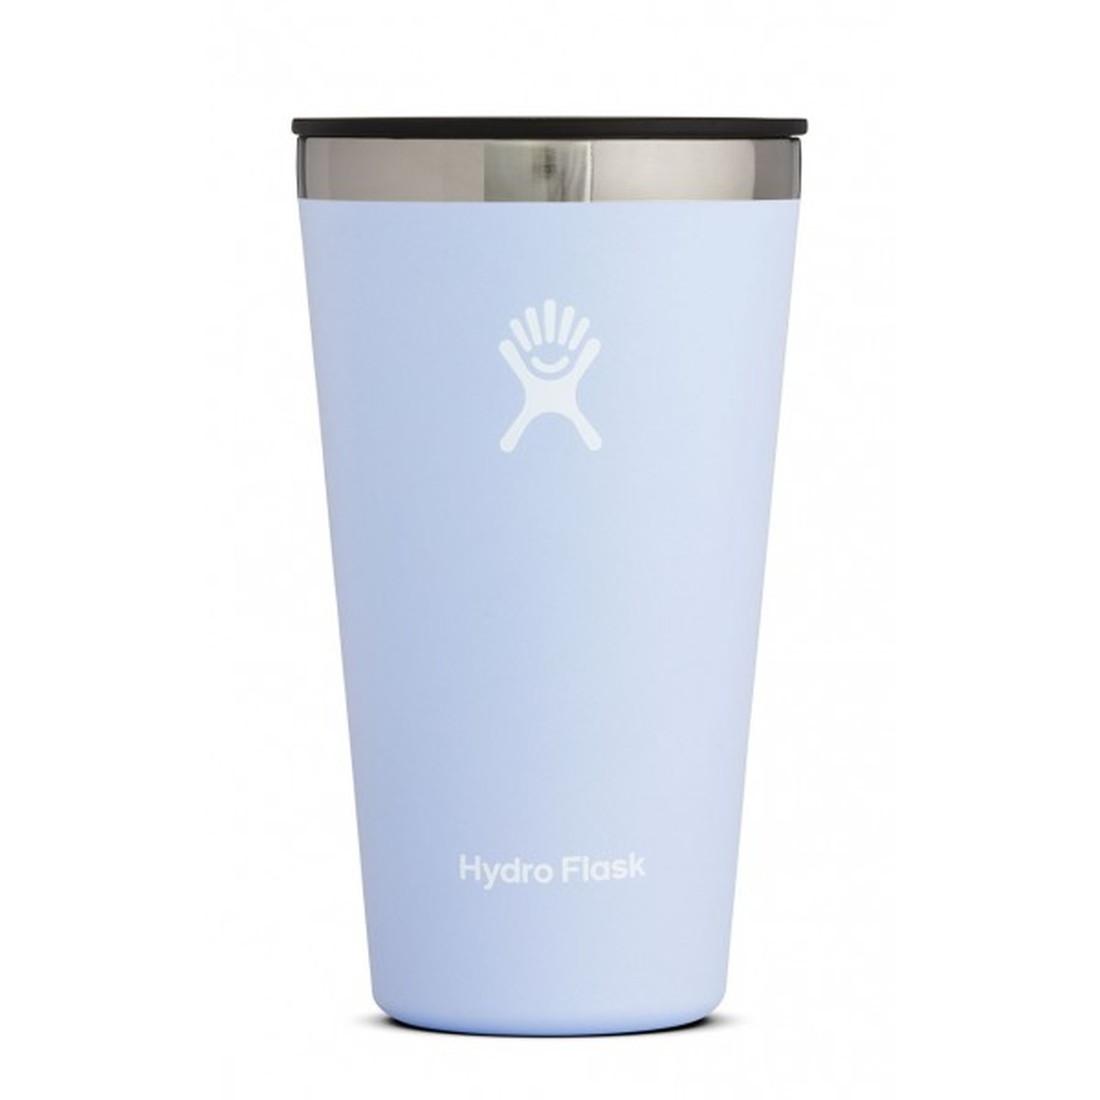 ハイドロフラスク ドリンクウエア タンブラー 16oz 保温保冷カップ  国内正規品